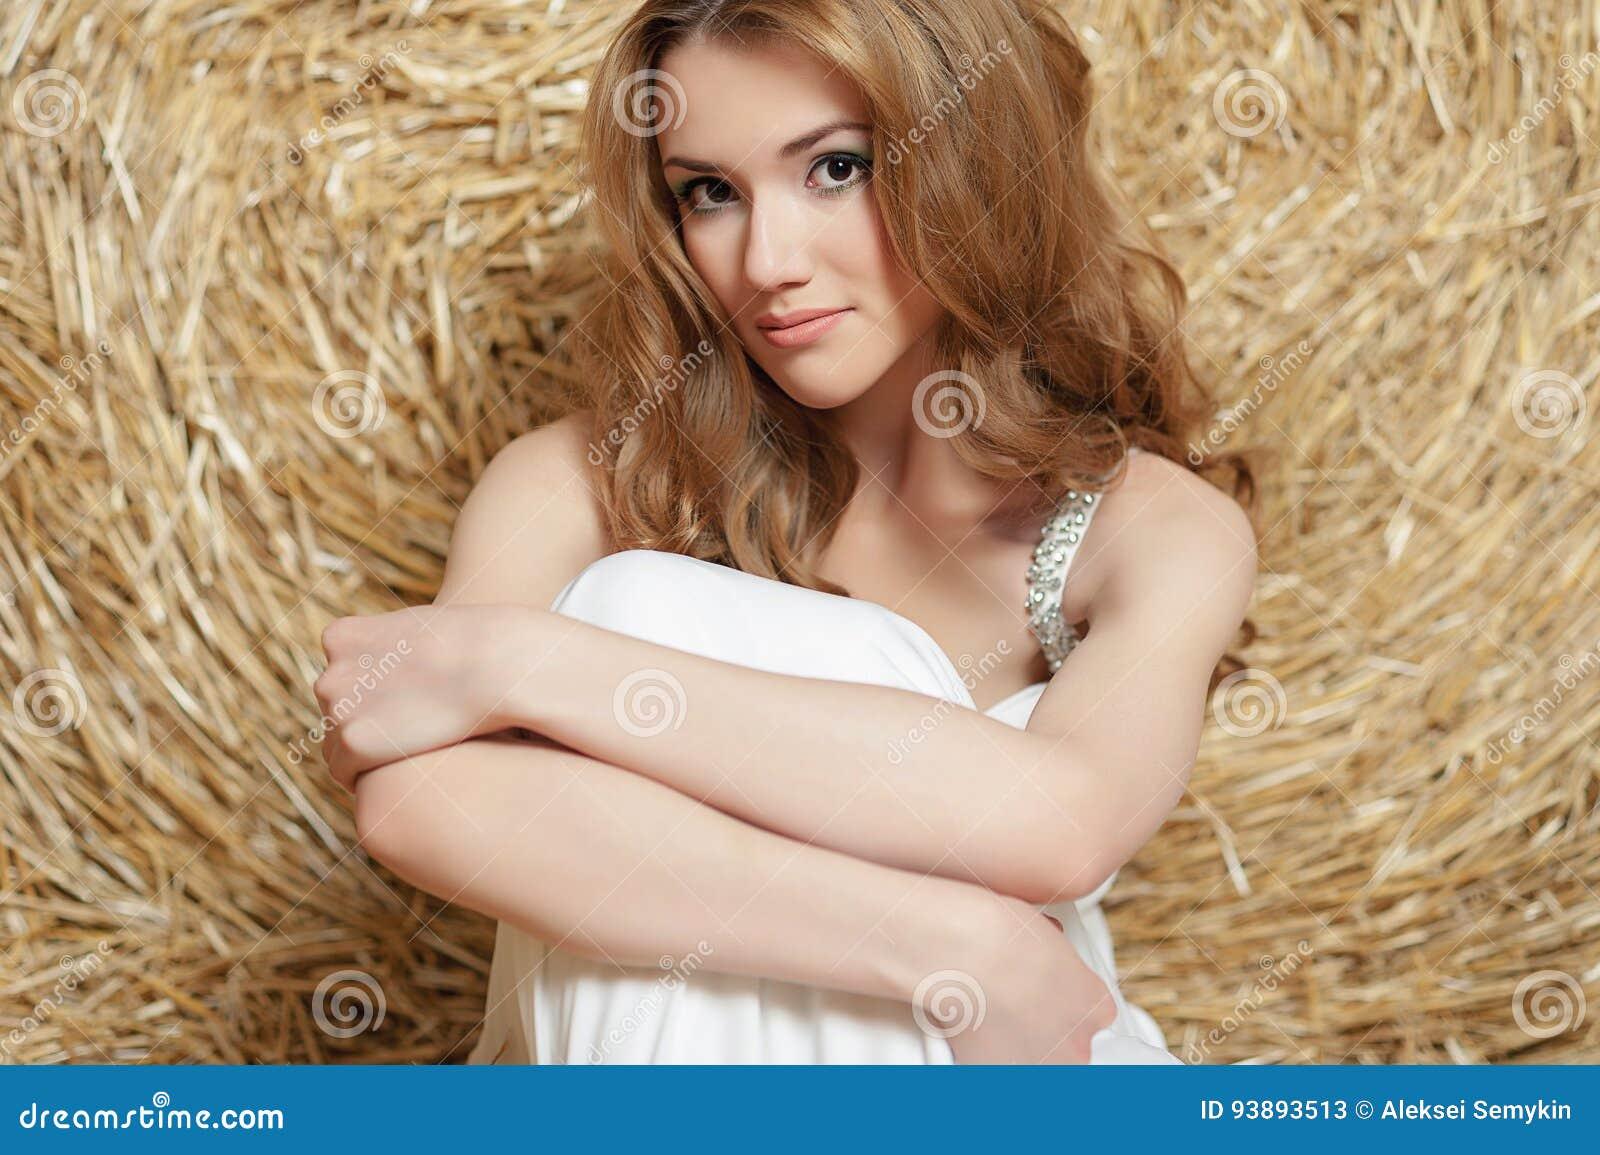 84587a10ac5b A menina nova, bonita com cabelo vermelho em um vestido branco está sentando -se perto de um monte de feno verão na vila